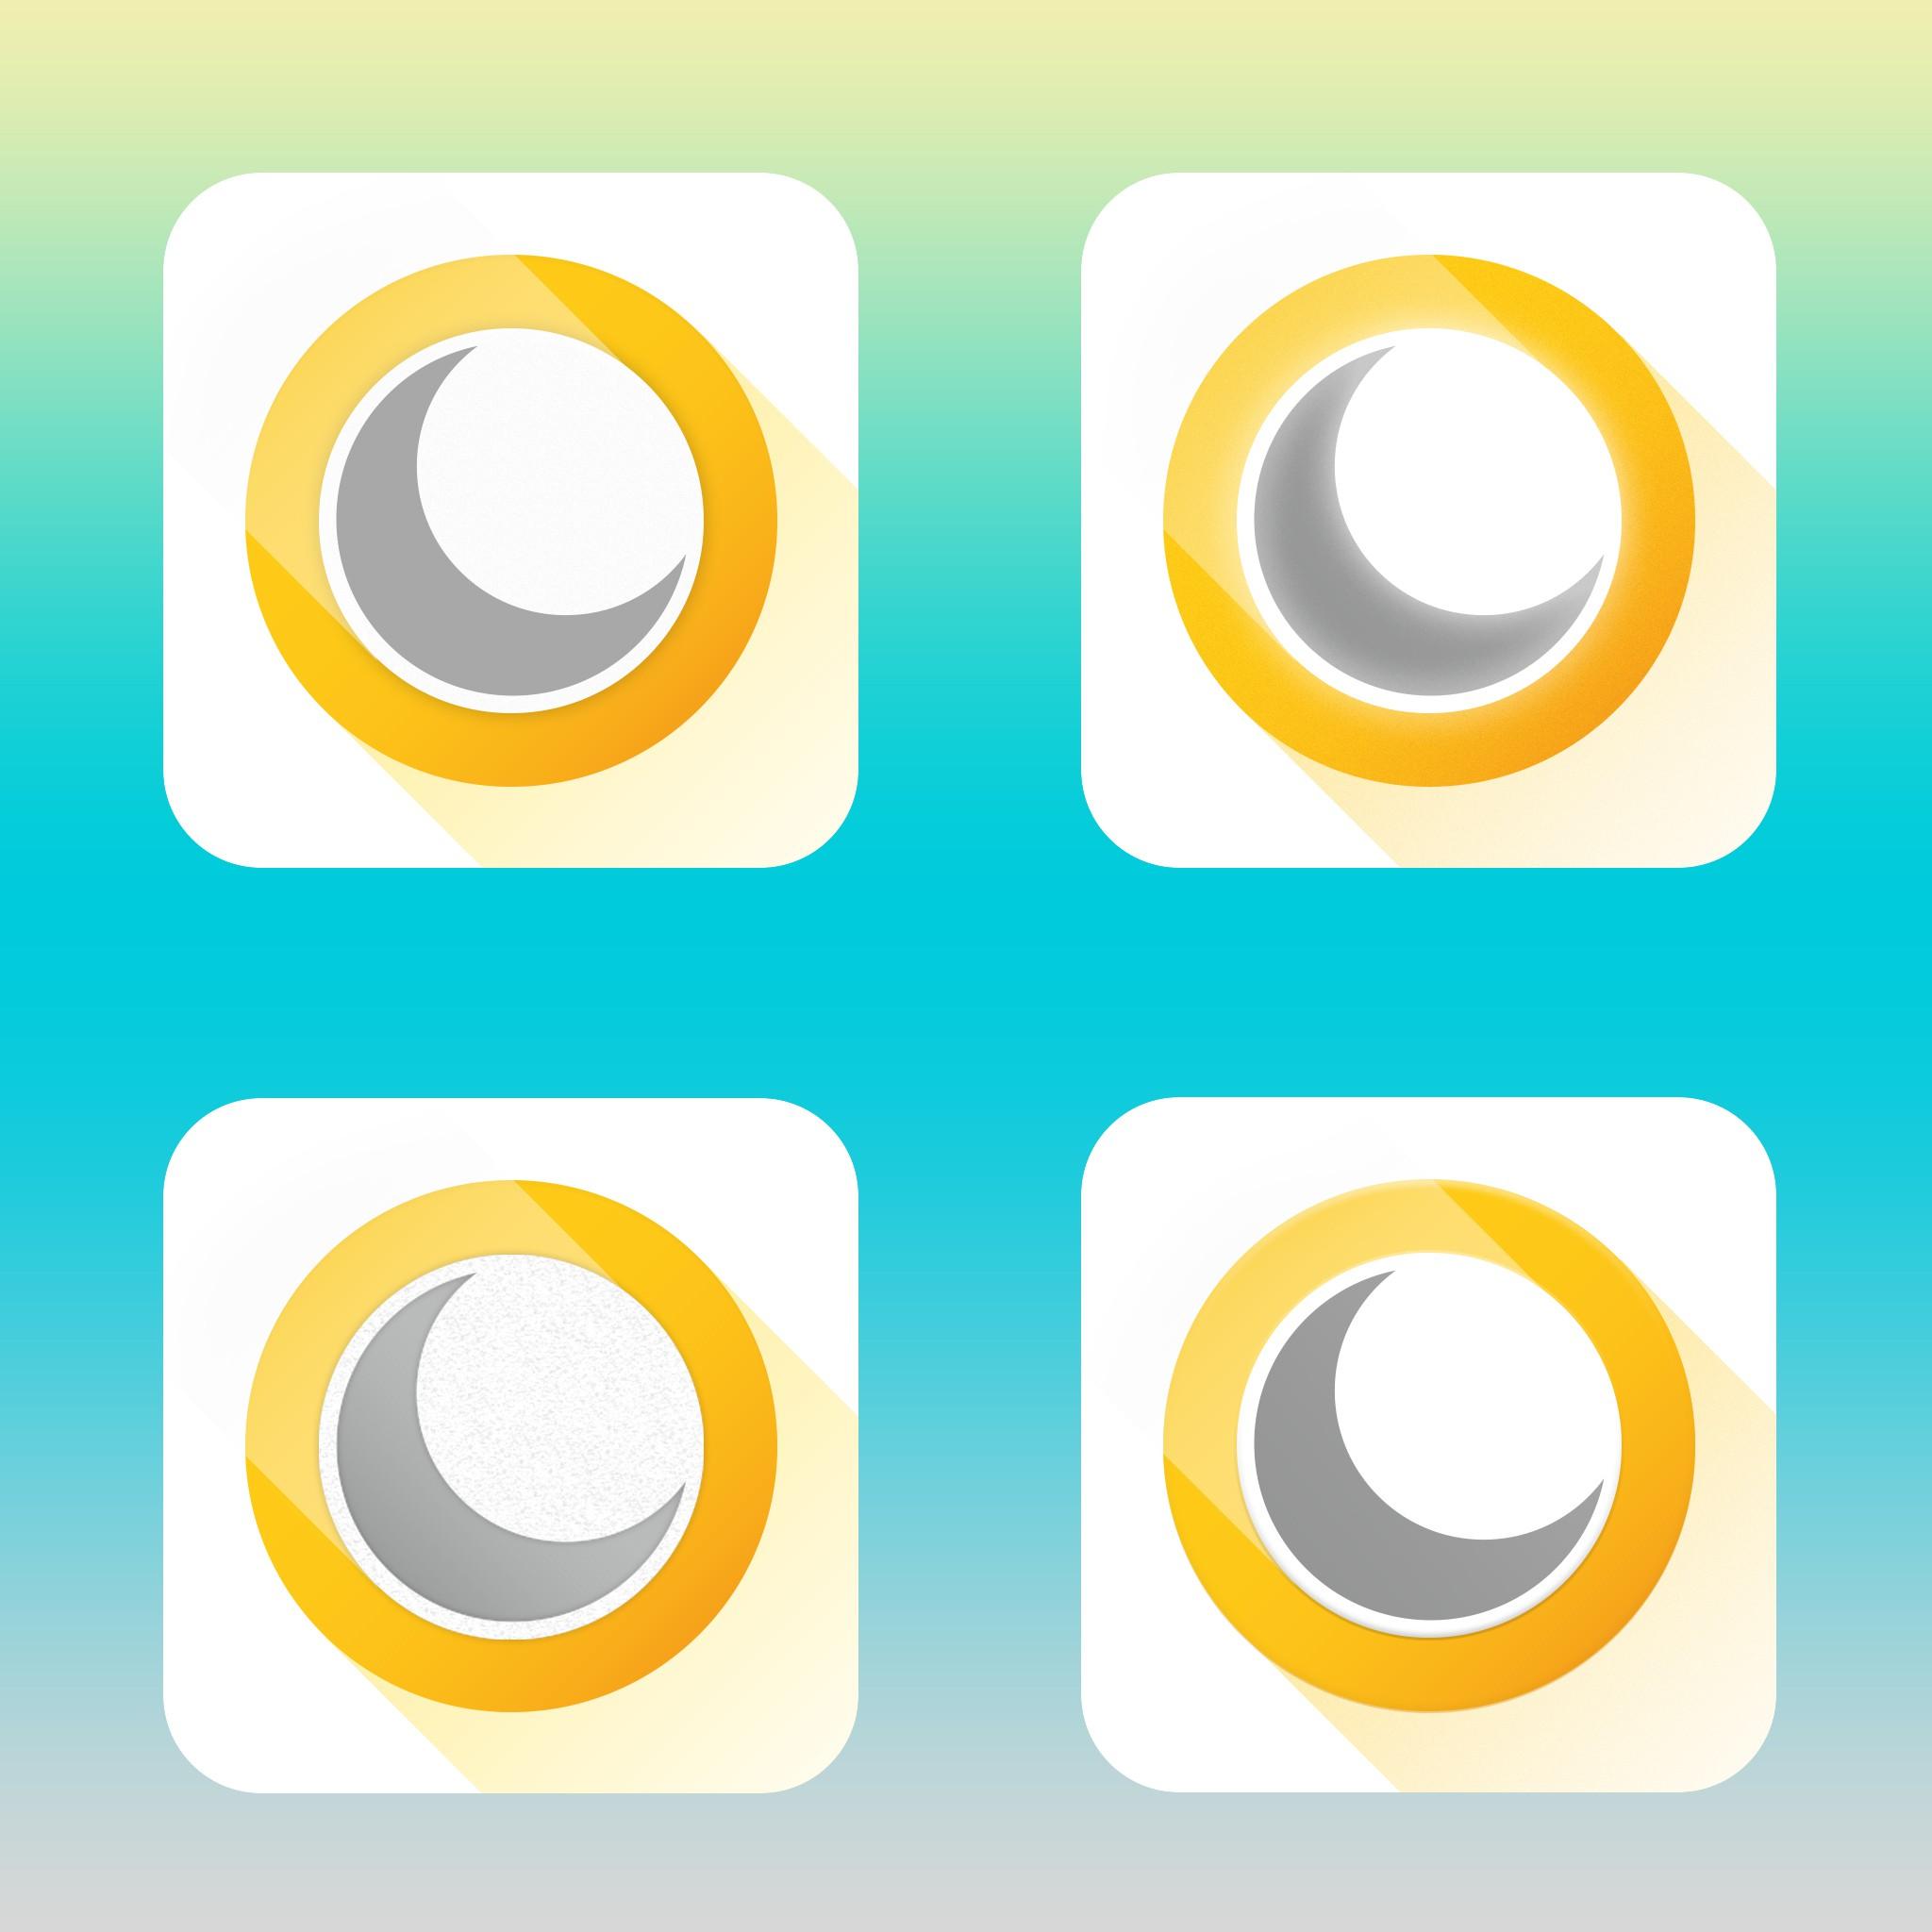 Create a modern iOS app icon.